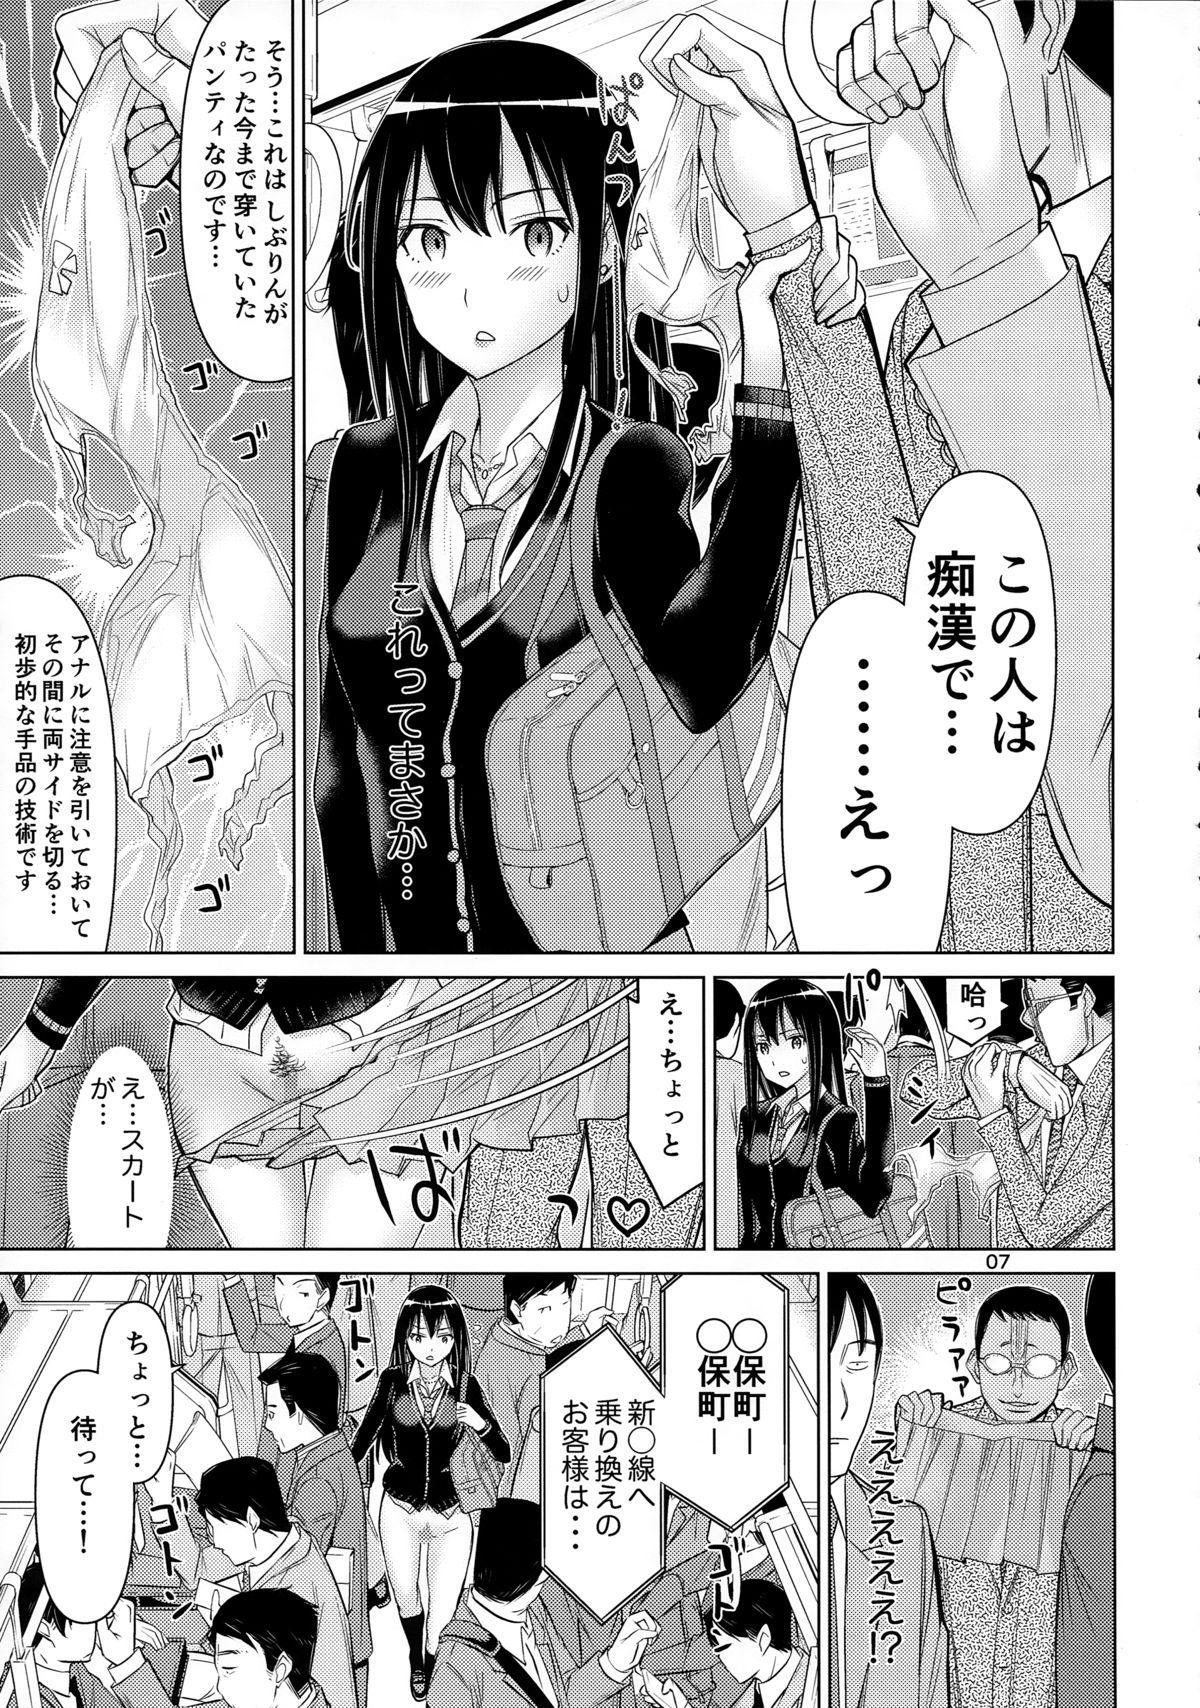 TOKAI to Shiburin 6